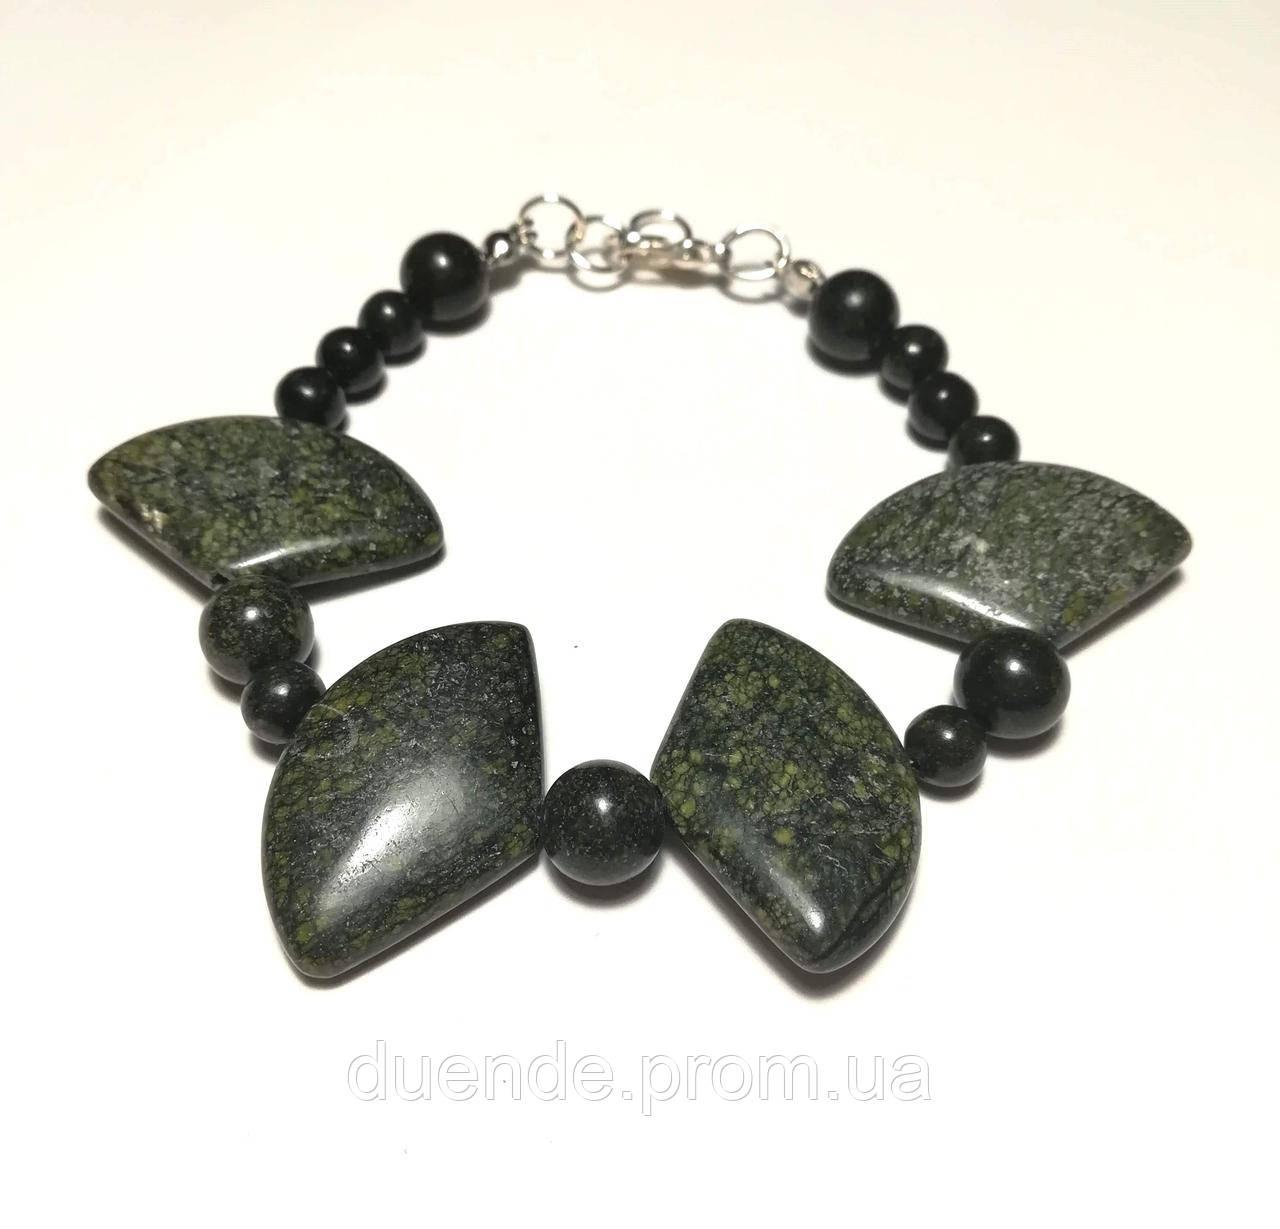 Браслет з Змійовика (Серпентин) натуральний камінь, зелений колір і його відтінки \ Sb - 0245